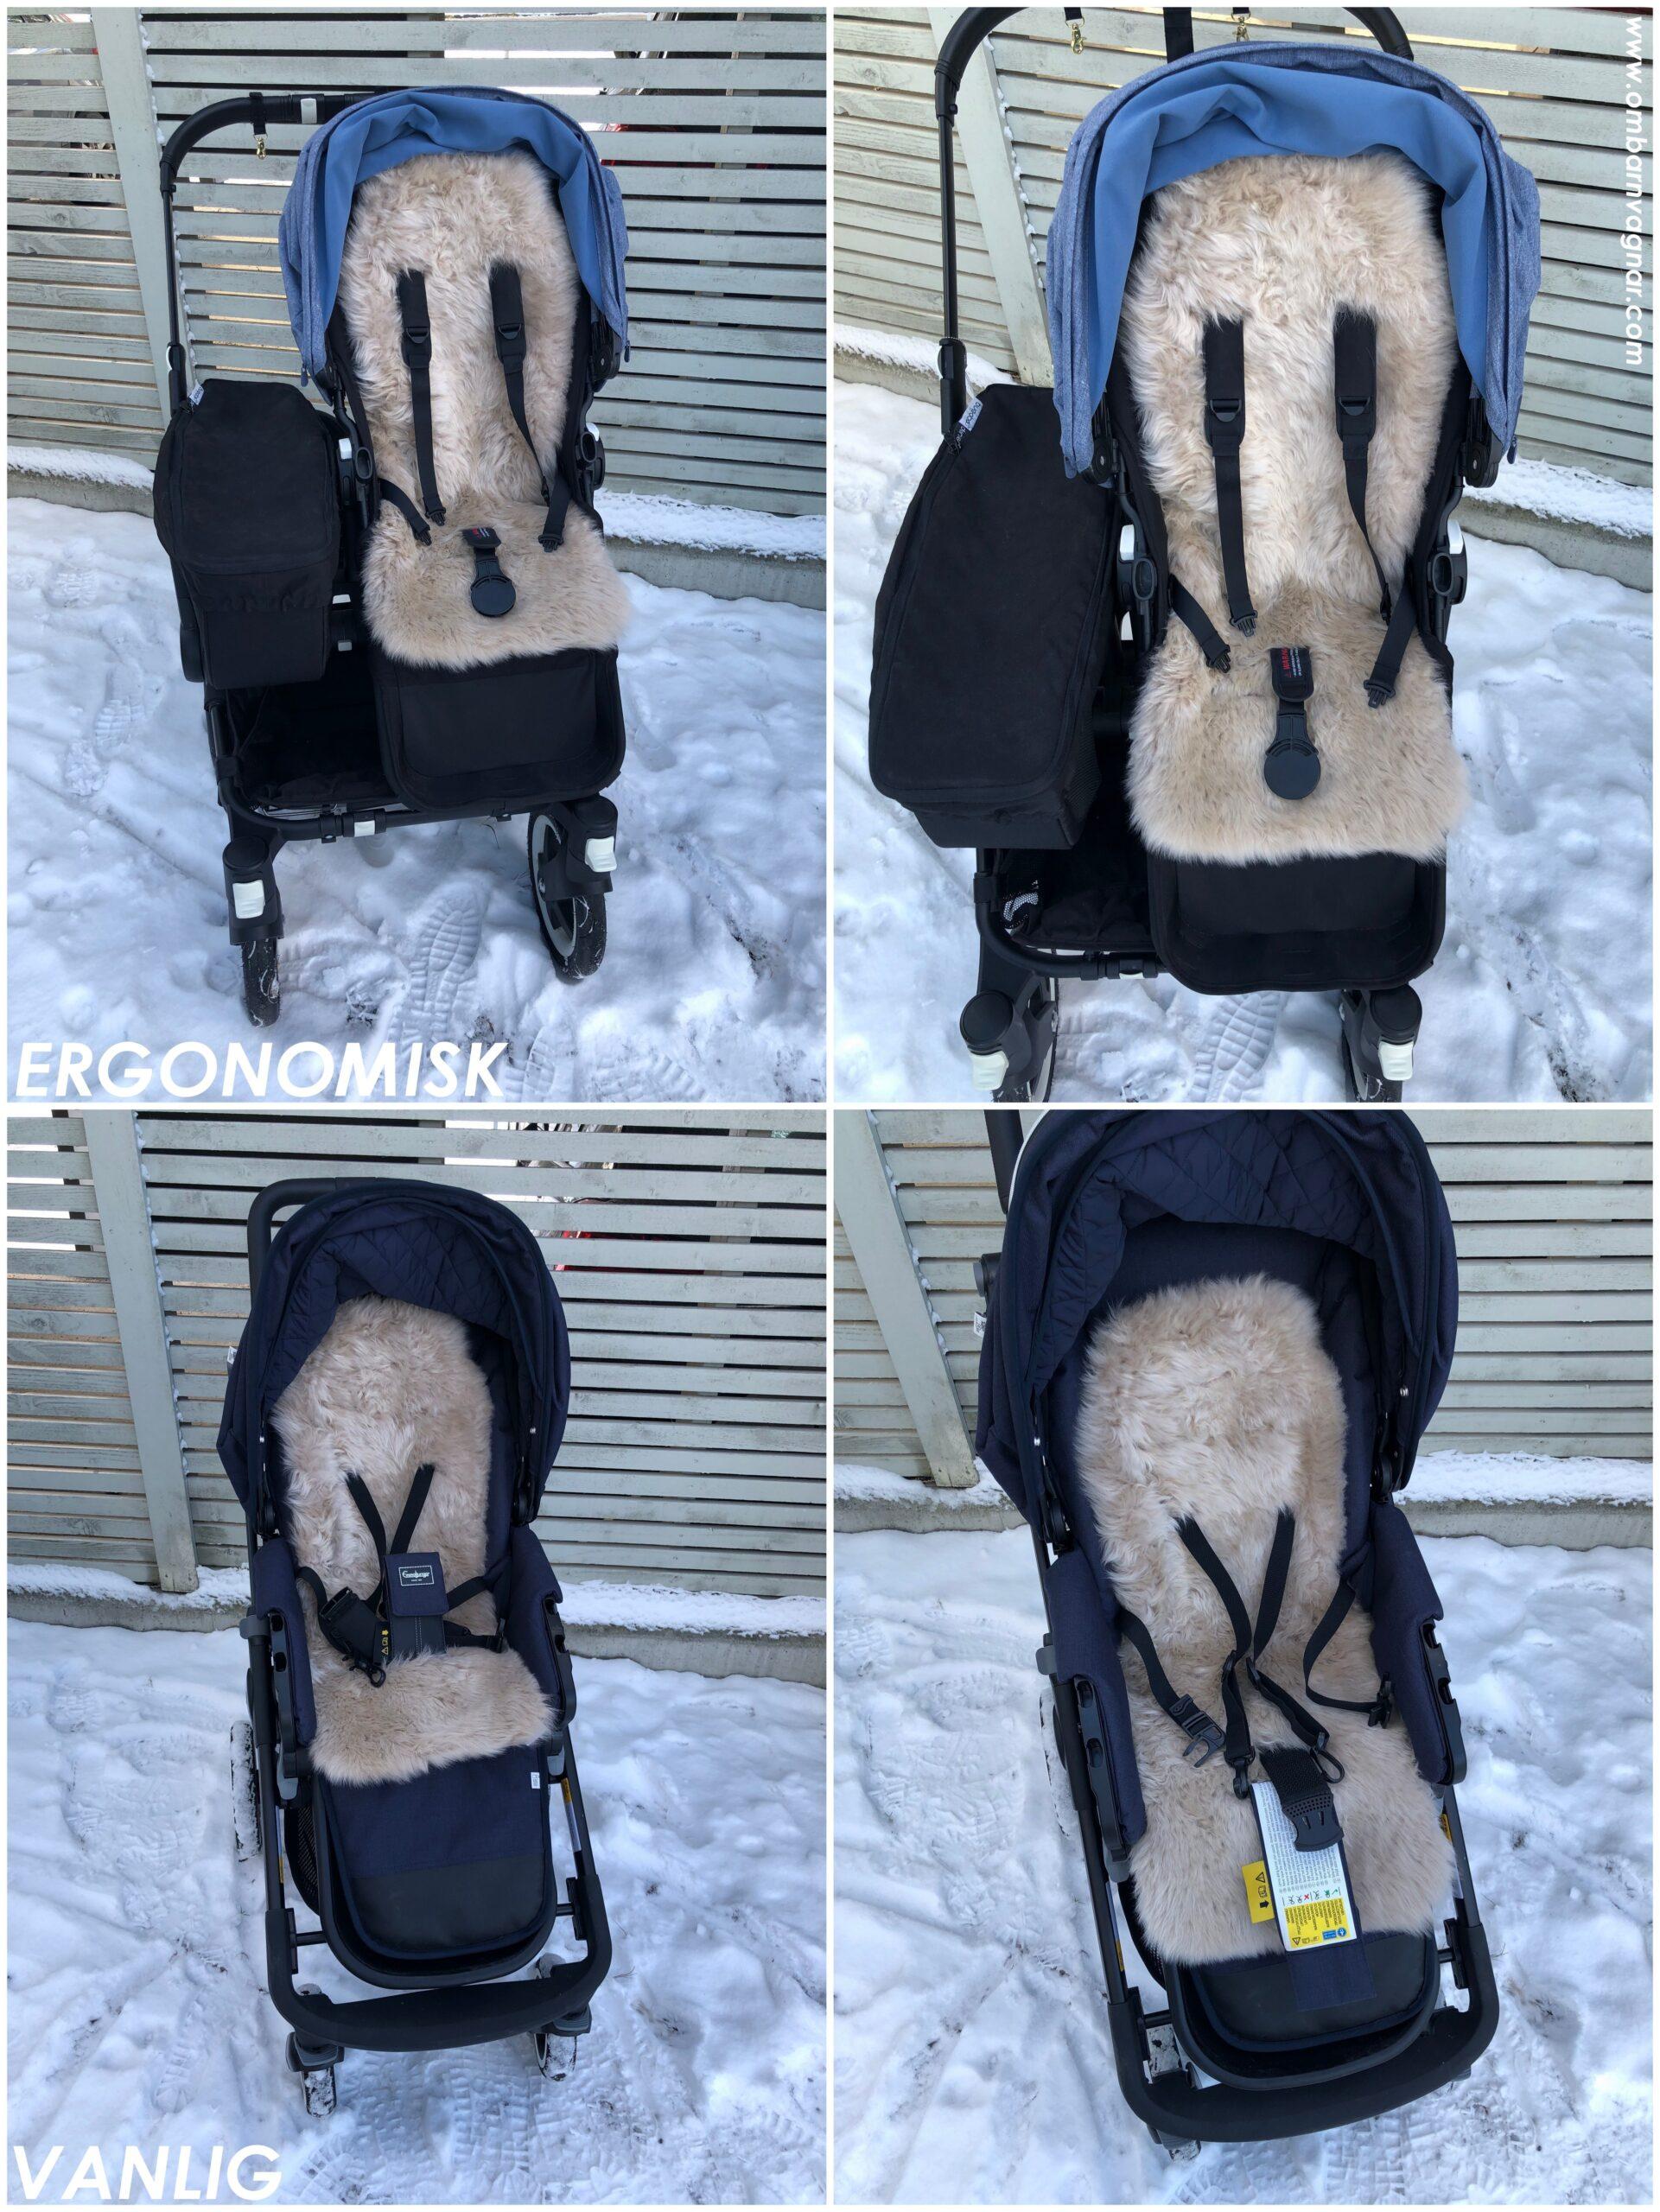 BOZZ Vagnsdyna Lammskinn Långhårig i ergonomisk sittdel och i vanlig sittdel